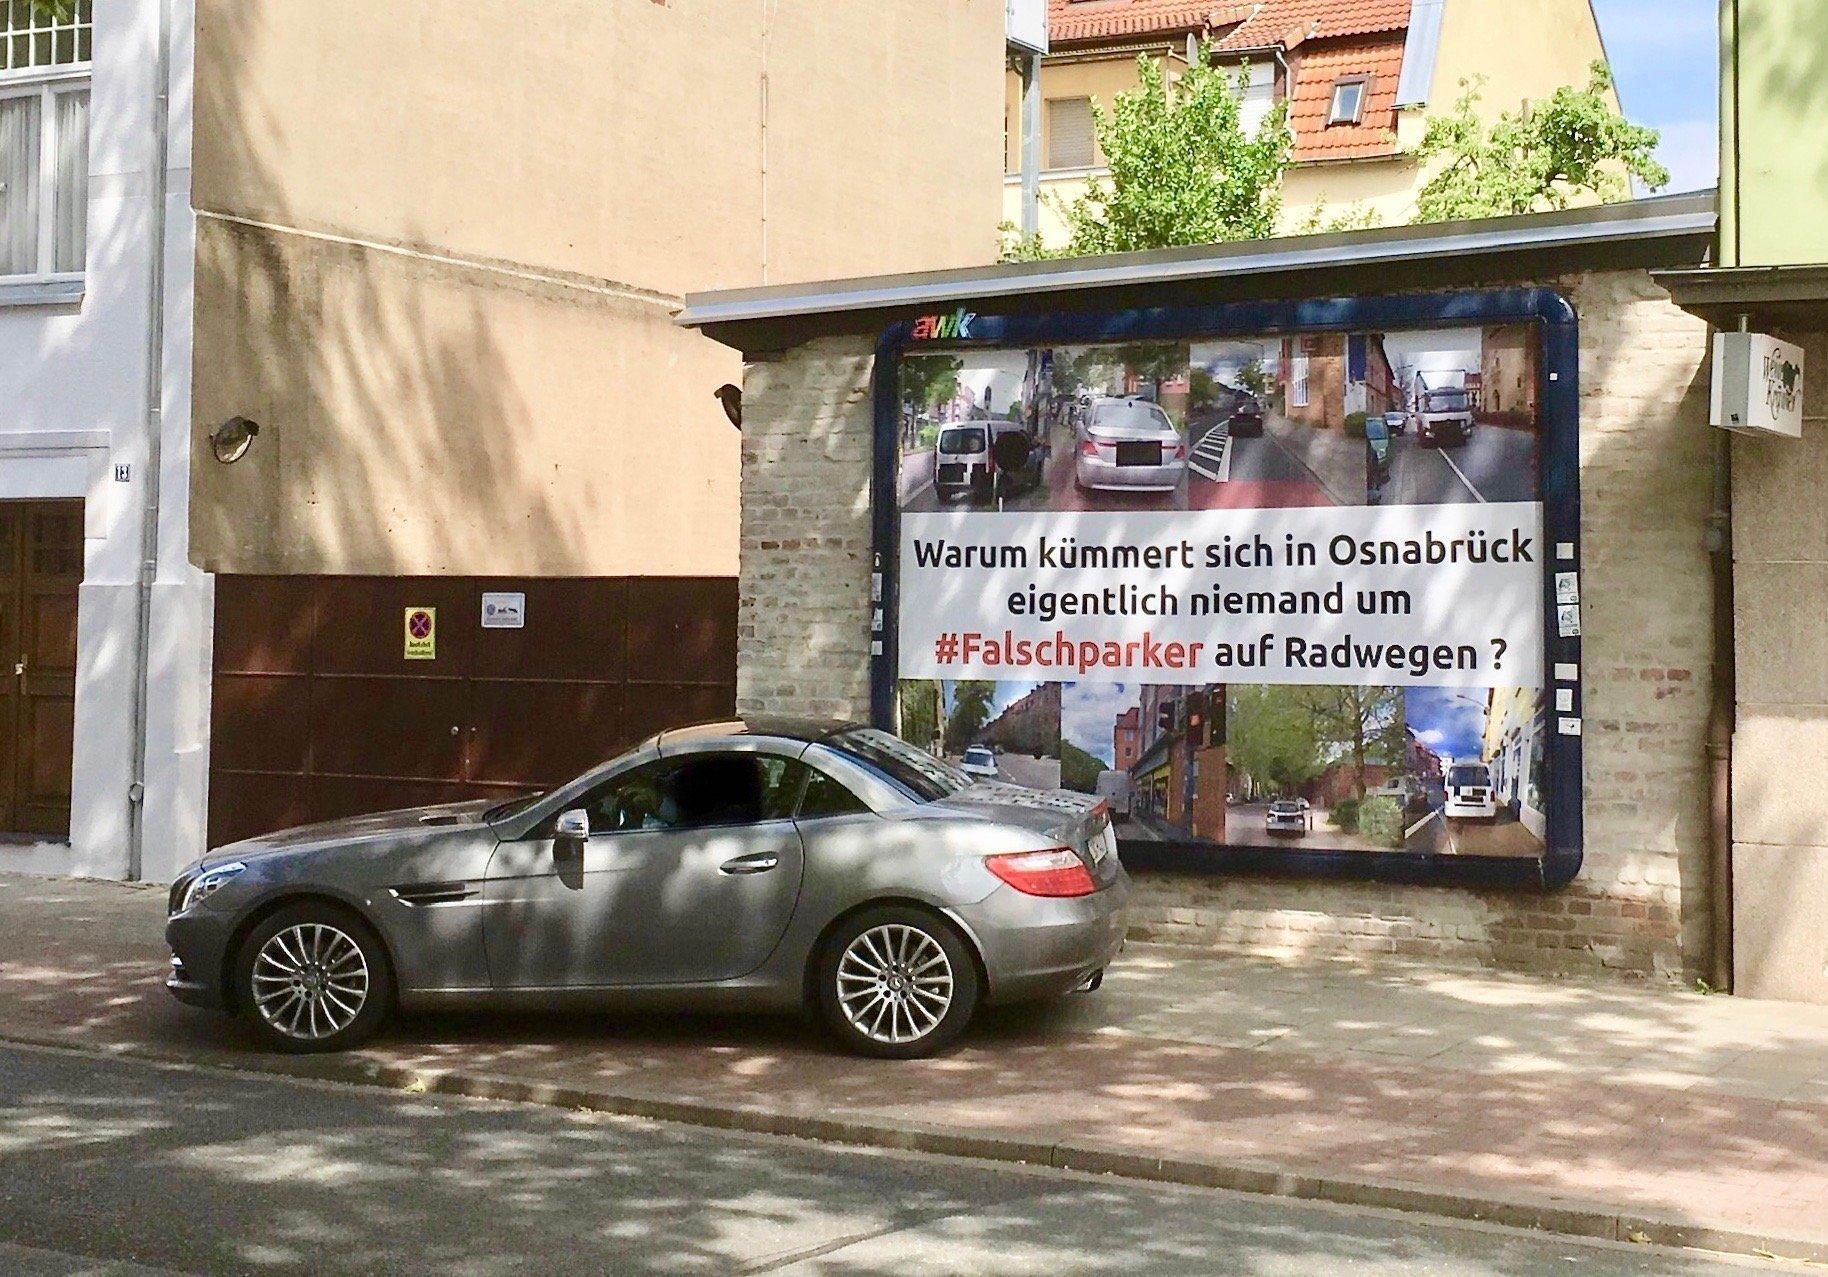 """Ein Sportwagen von BMW steht quer auf dem Rad und Fußweg. Es steht mit dem Heck vor dem Plakat mit dem Schriftzug """"Warum kümmert sich in Osnabrück eigentlich niemand um #Falschparker auf Radwegen?"""""""